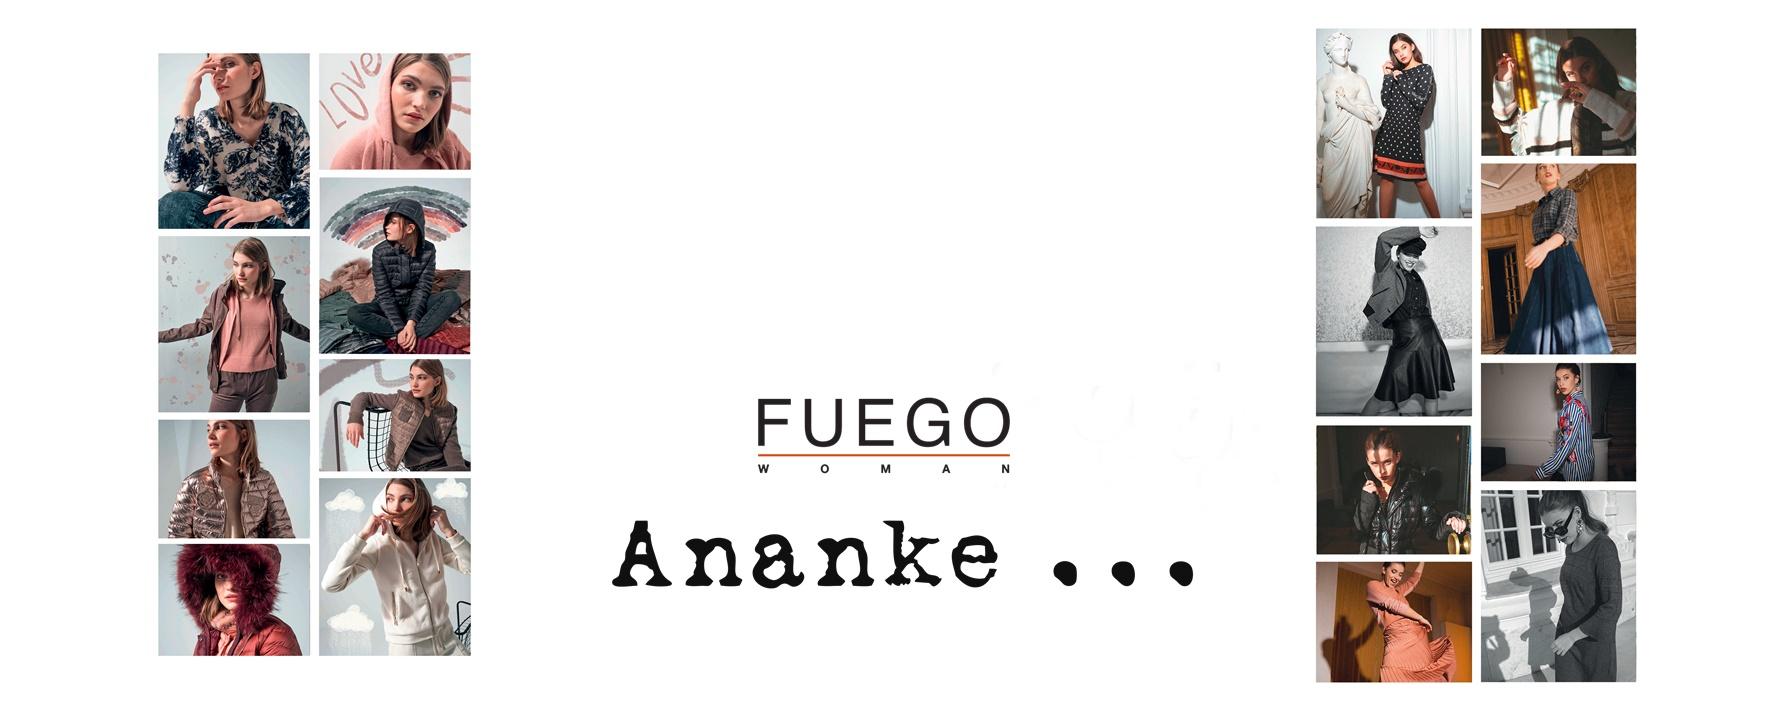 fuego-anake-banner-invierno